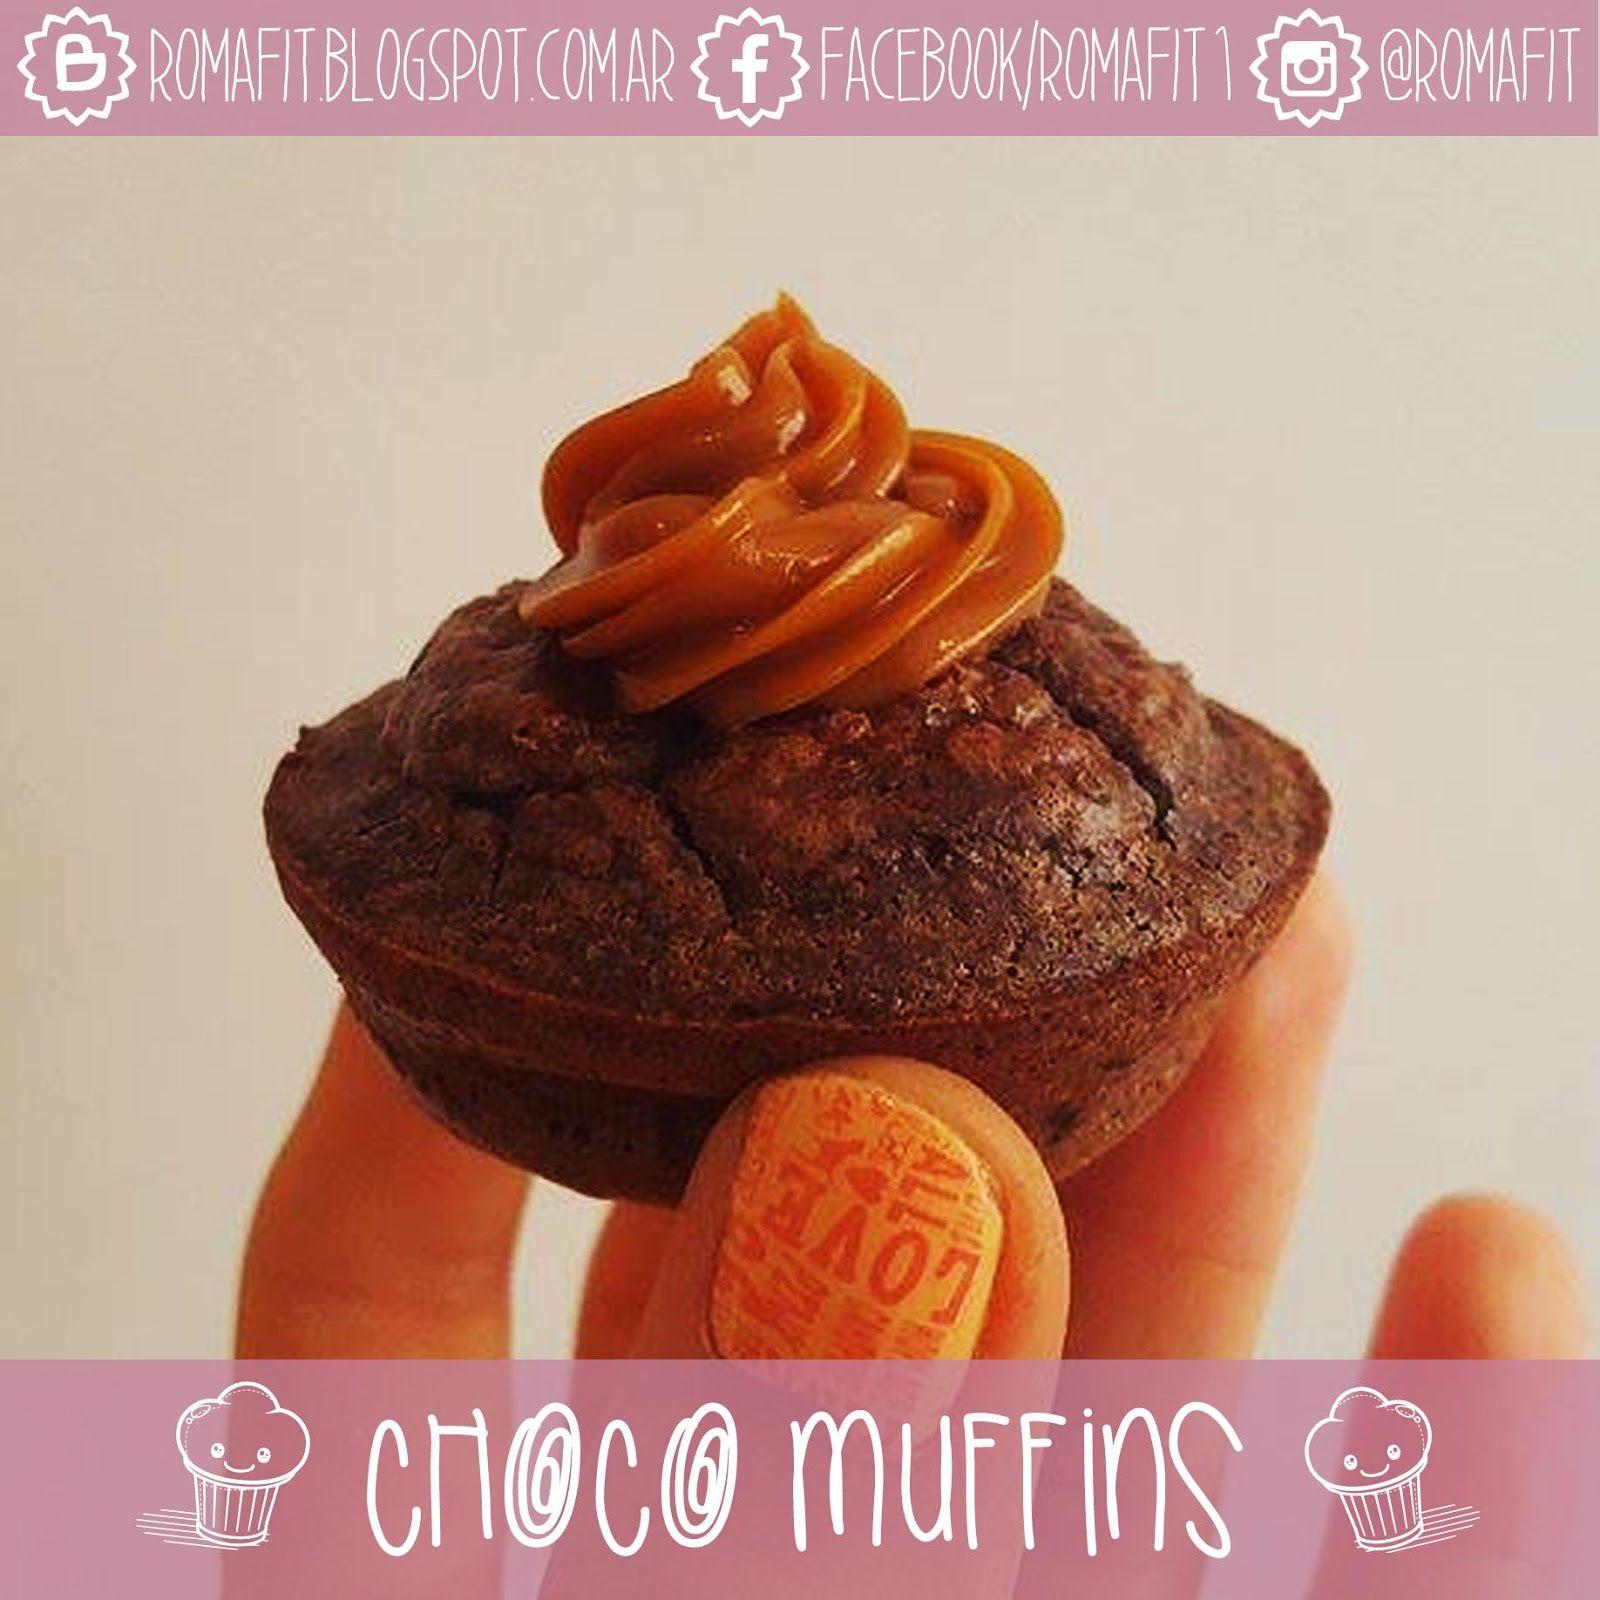 Recetas Fit Para Gente Común: Muffins fit de doble chocolate! Sin azúcar ni harinas refinadas ♥